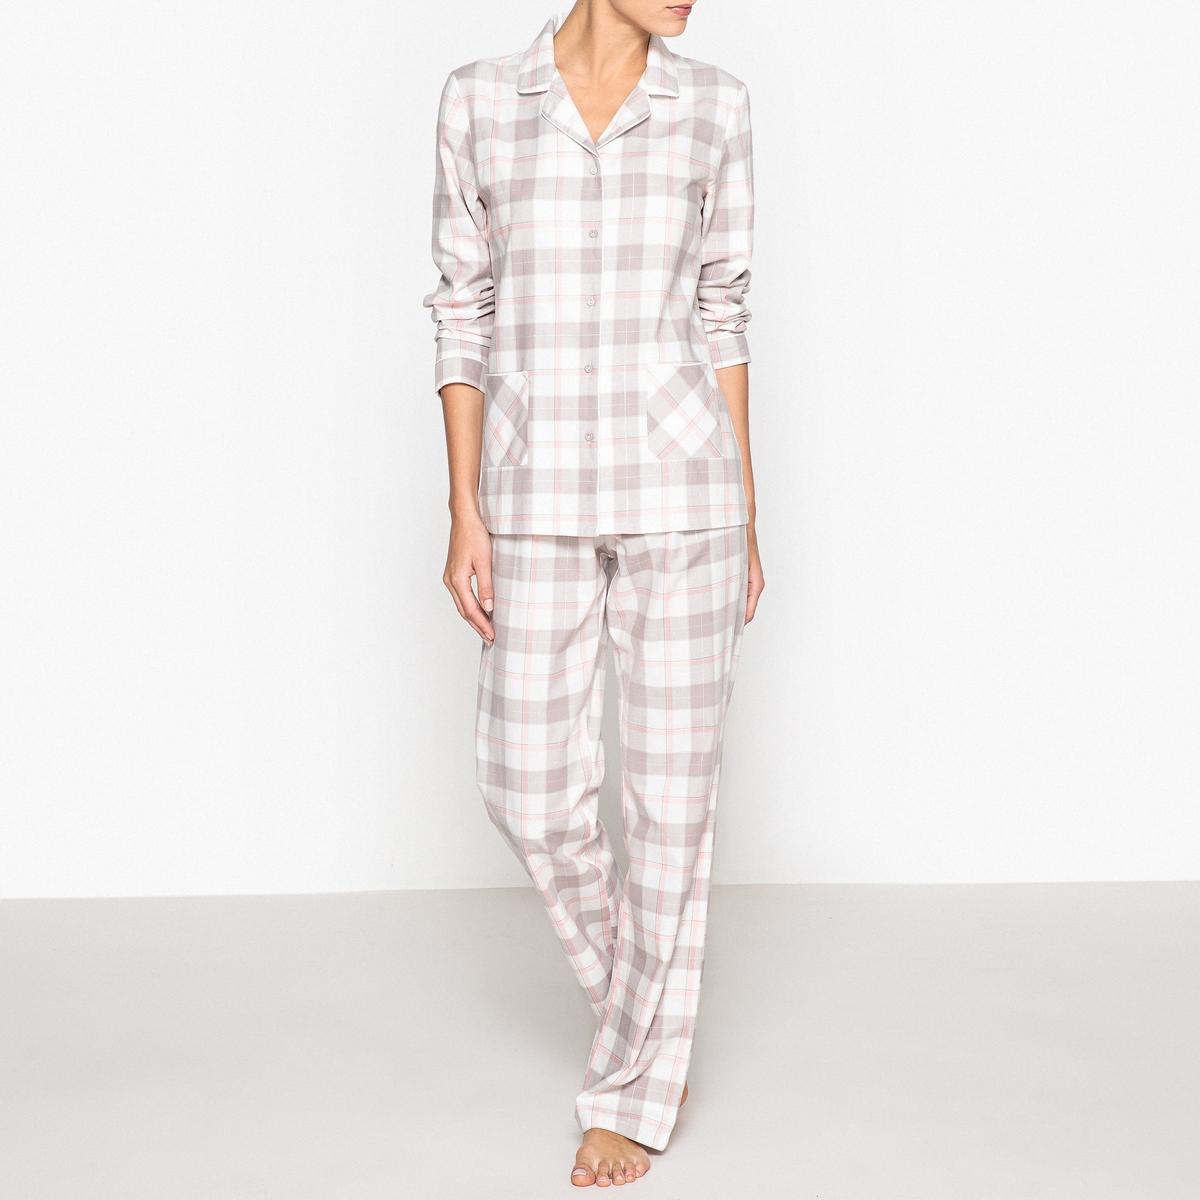 Пижама с рубашкойПижама в винтажном стиле: удобная и красивая благодаря блестящим нитям, создает эффект кокона. Состав и описаниеПижама в винтажном стиле с накладными карманами спереди. Прямой покрой, эластичный пояс.Материал : 99% хлопка, 1% других волоконРазмеры : Рубашка : 67 см.Длина по внутр.шву : 76 смУход :  Стирать с вещами схожих цветов..Стирать и гладить с изнаночной стороны<br><br>Цвет: розовый<br>Размер: 36 (FR) - 42 (RUS).44 (FR) - 50 (RUS).38 (FR) - 44 (RUS)